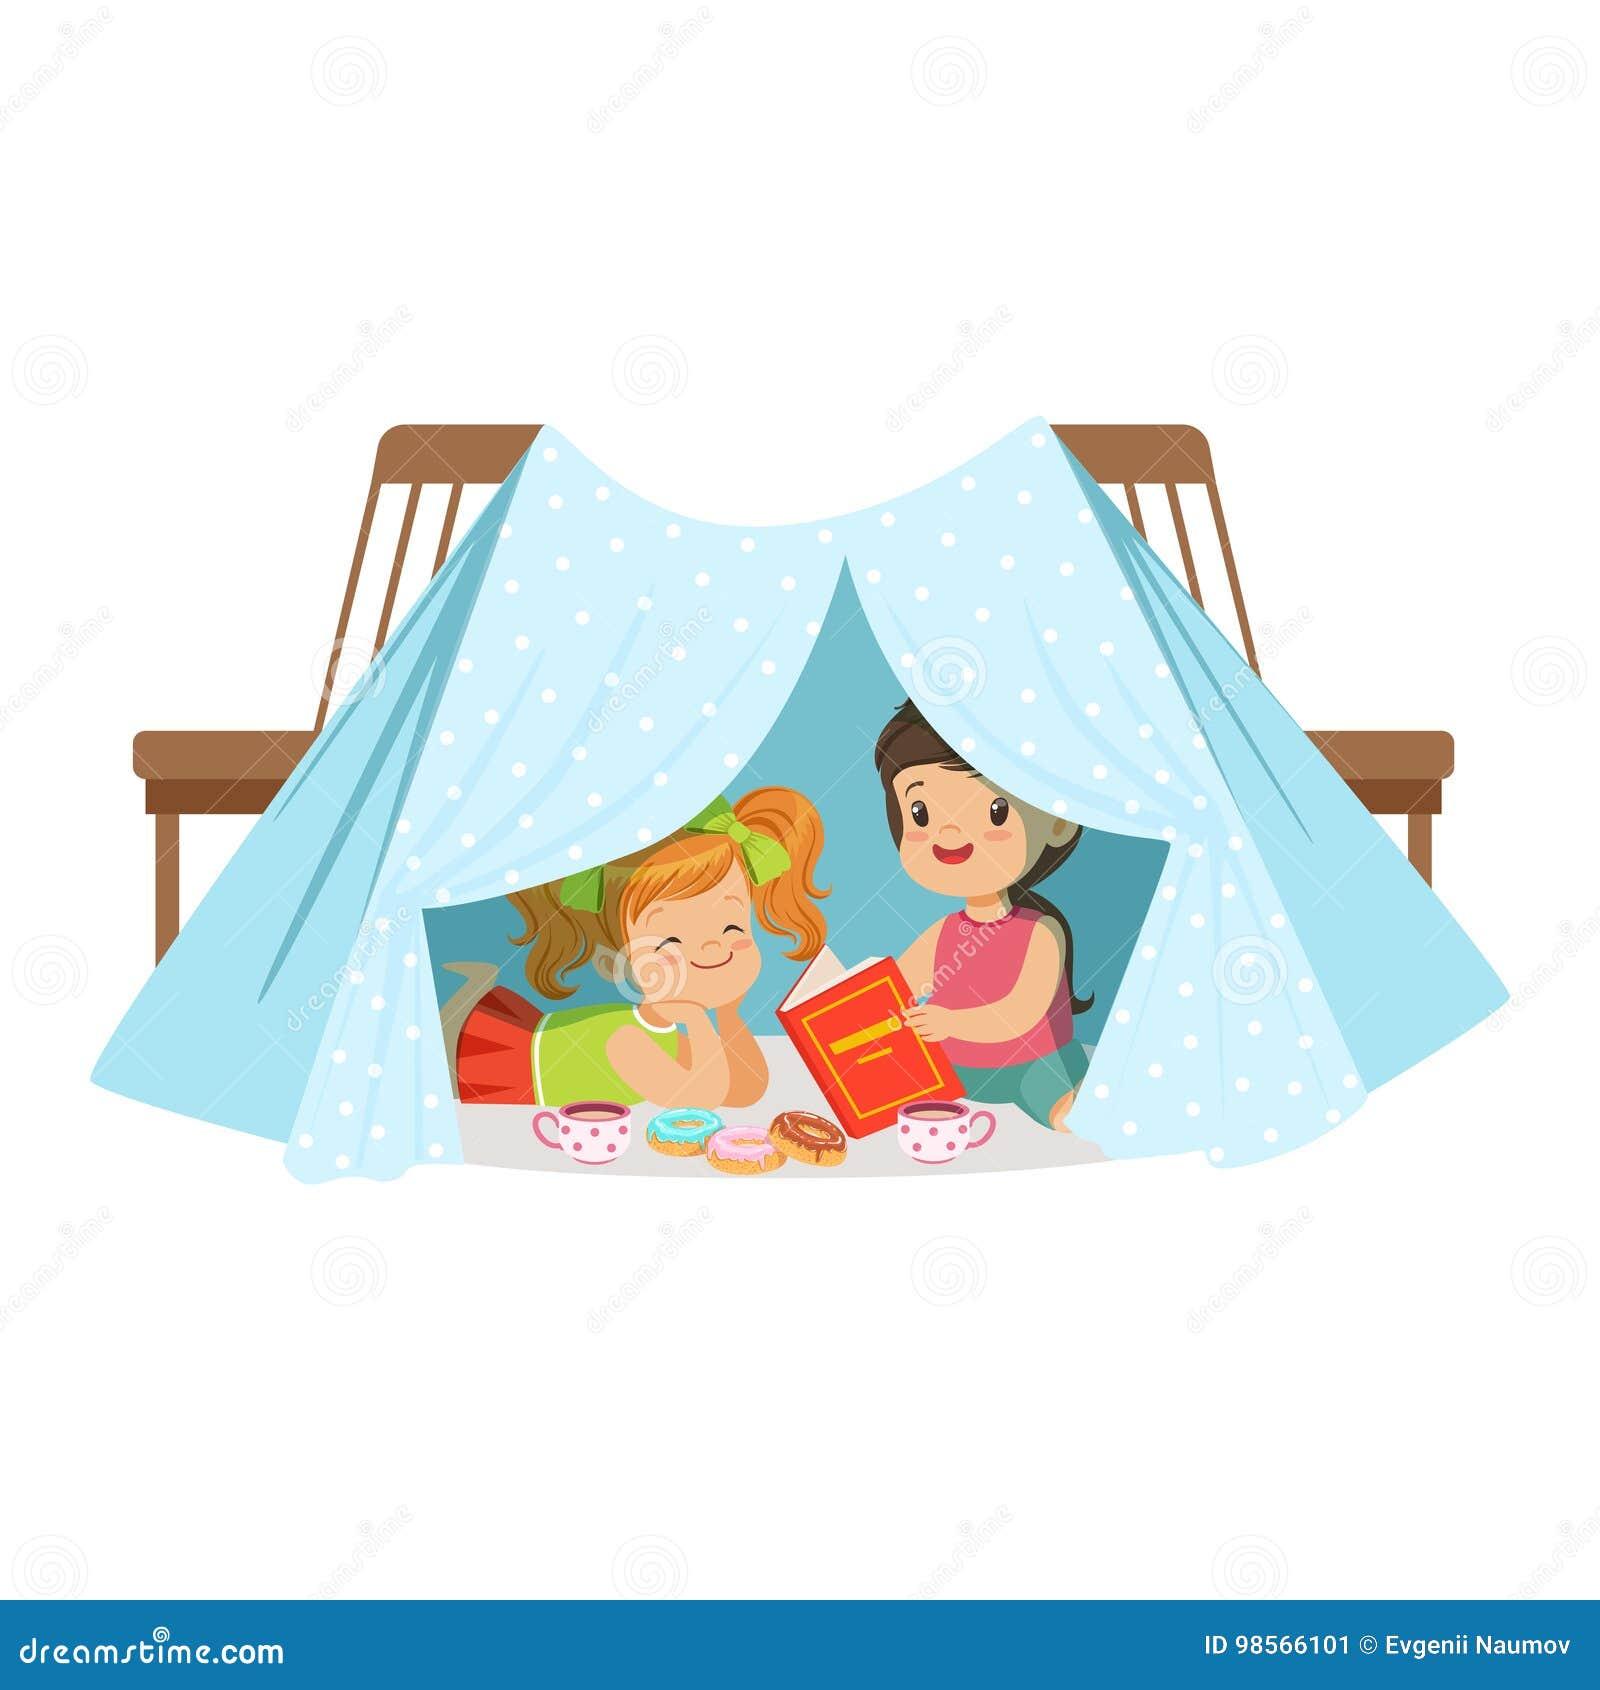 Petites Filles Mignonnes Reposant Et Lisant Un Livre Dans Un Tipi